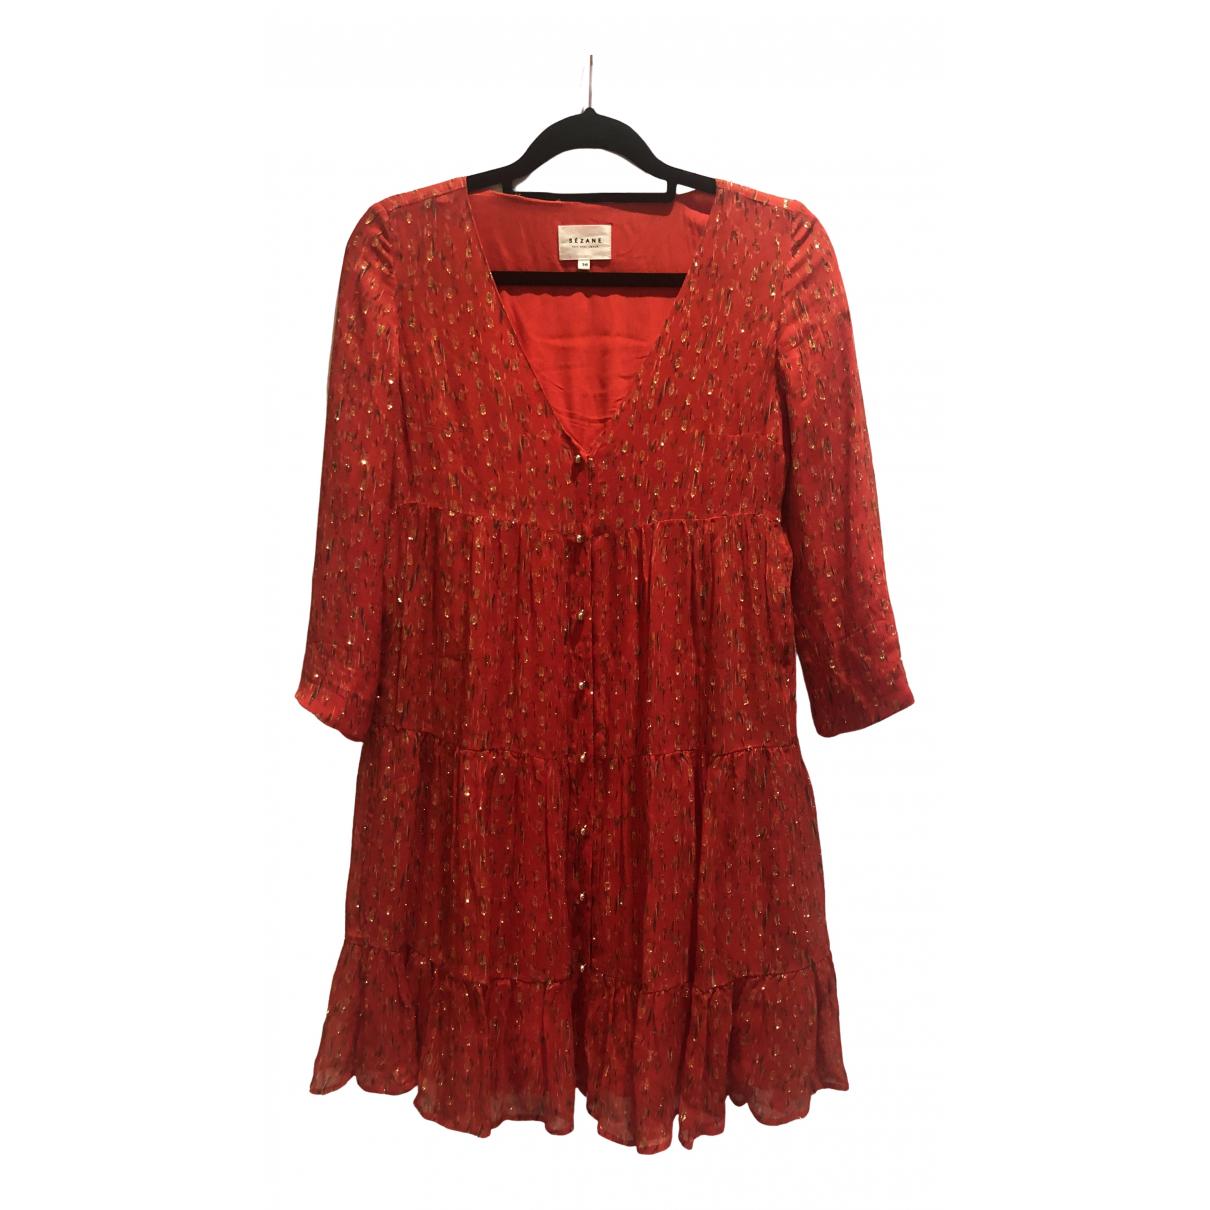 Sezane \N Kleid in  Rot Seide